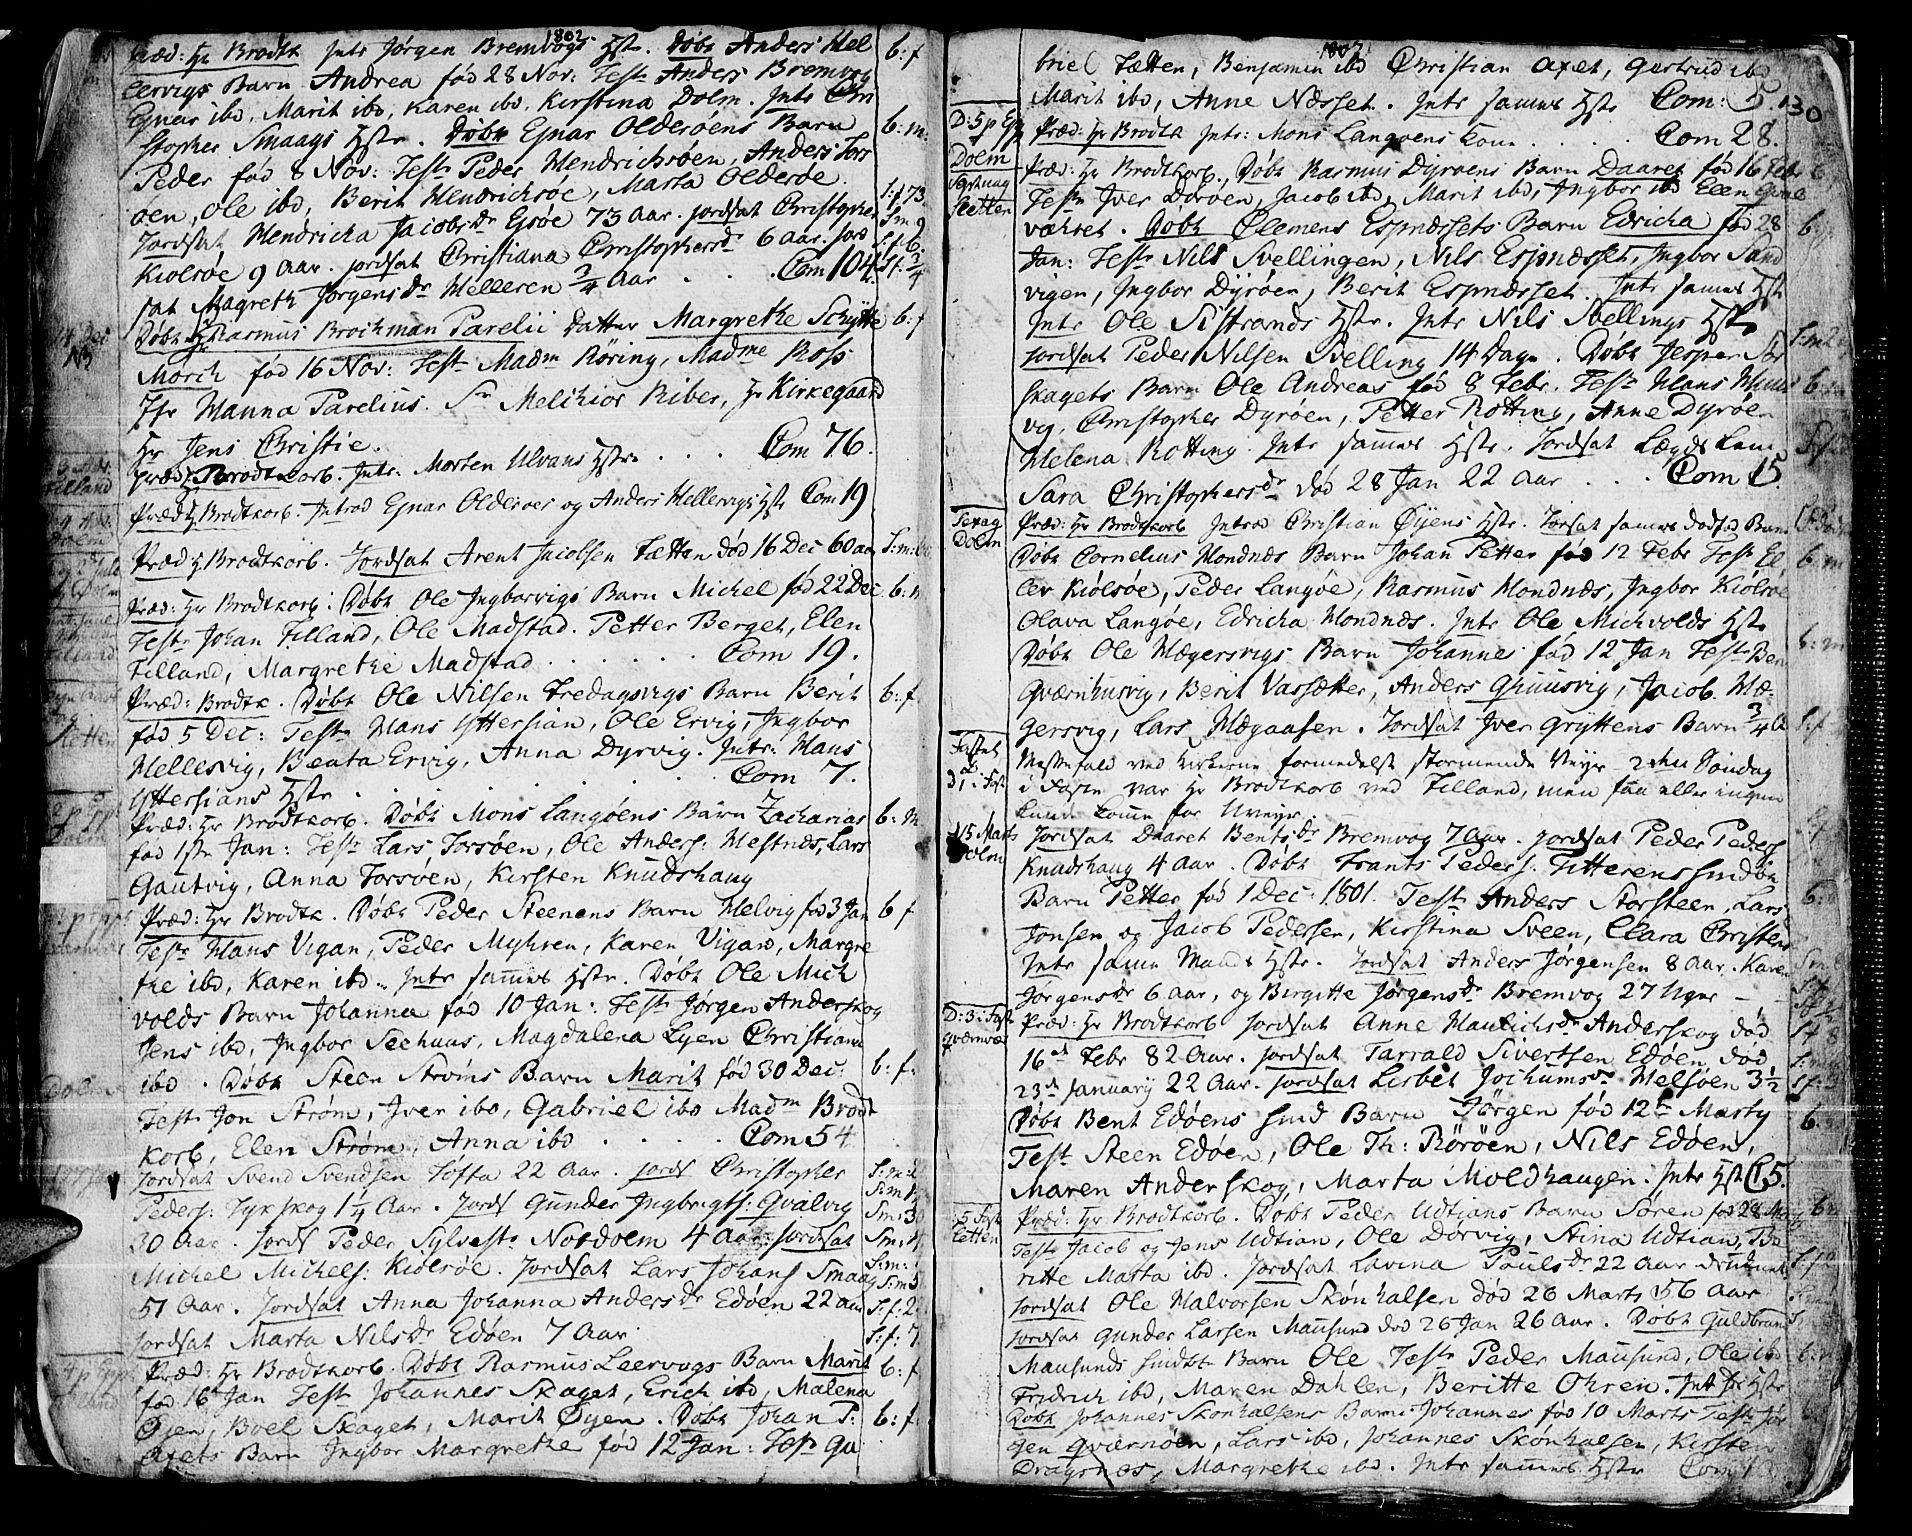 SAT, Ministerialprotokoller, klokkerbøker og fødselsregistre - Sør-Trøndelag, 634/L0526: Ministerialbok nr. 634A02, 1775-1818, s. 130